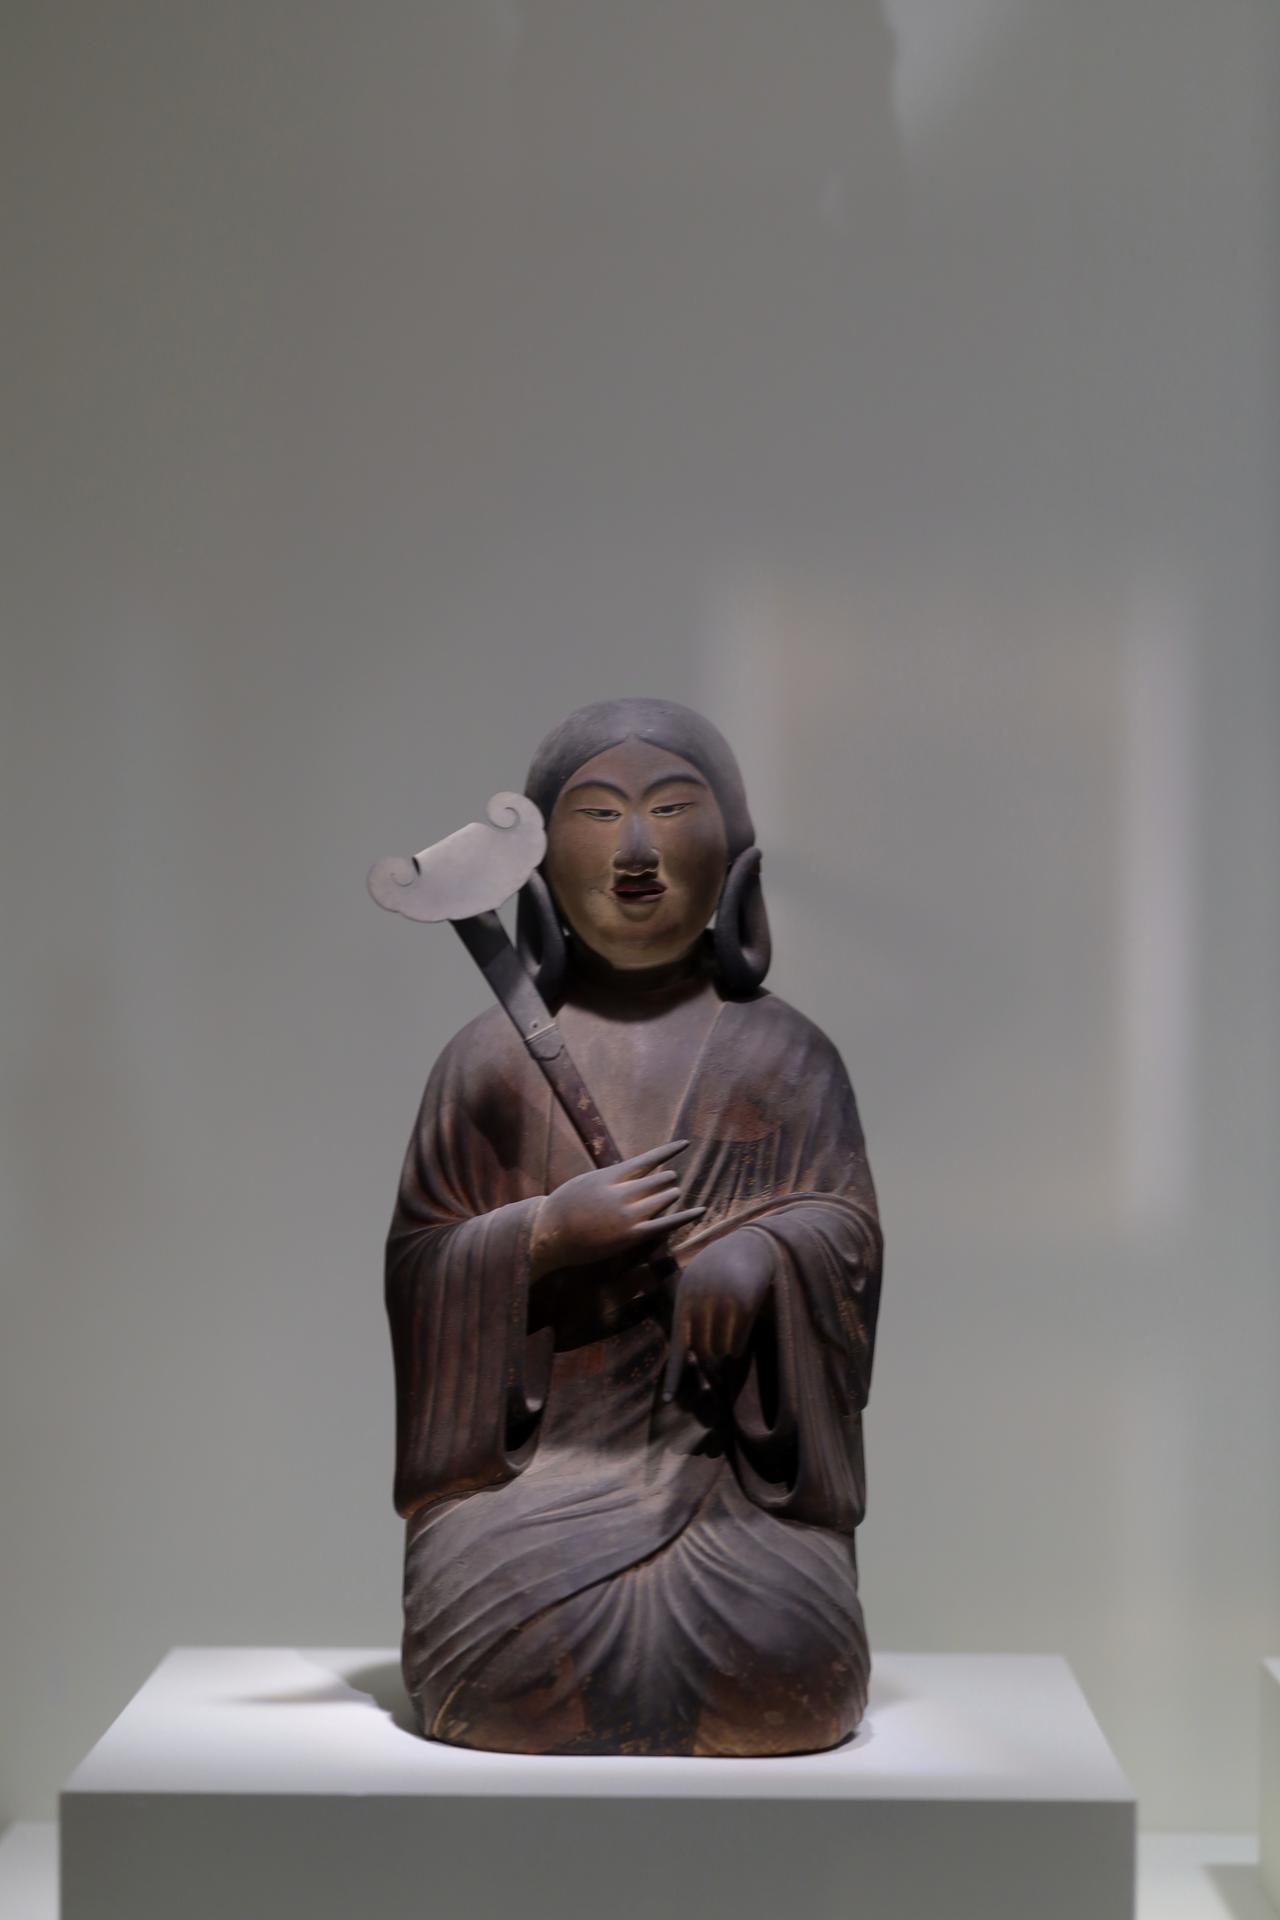 画像: 山背大兄王 国宝 聖徳太子および四侍者像のうち 平安時代・保安2(1121)年 奈良・法隆寺(聖霊院安置・秘仏) 太子の長男で皇位継承争いに巻き込まれて非業の死を遂げた山背大兄王が、みずらを結い少年の姿で表されている。手にした如意の繊細な螺鈿細工にも注目